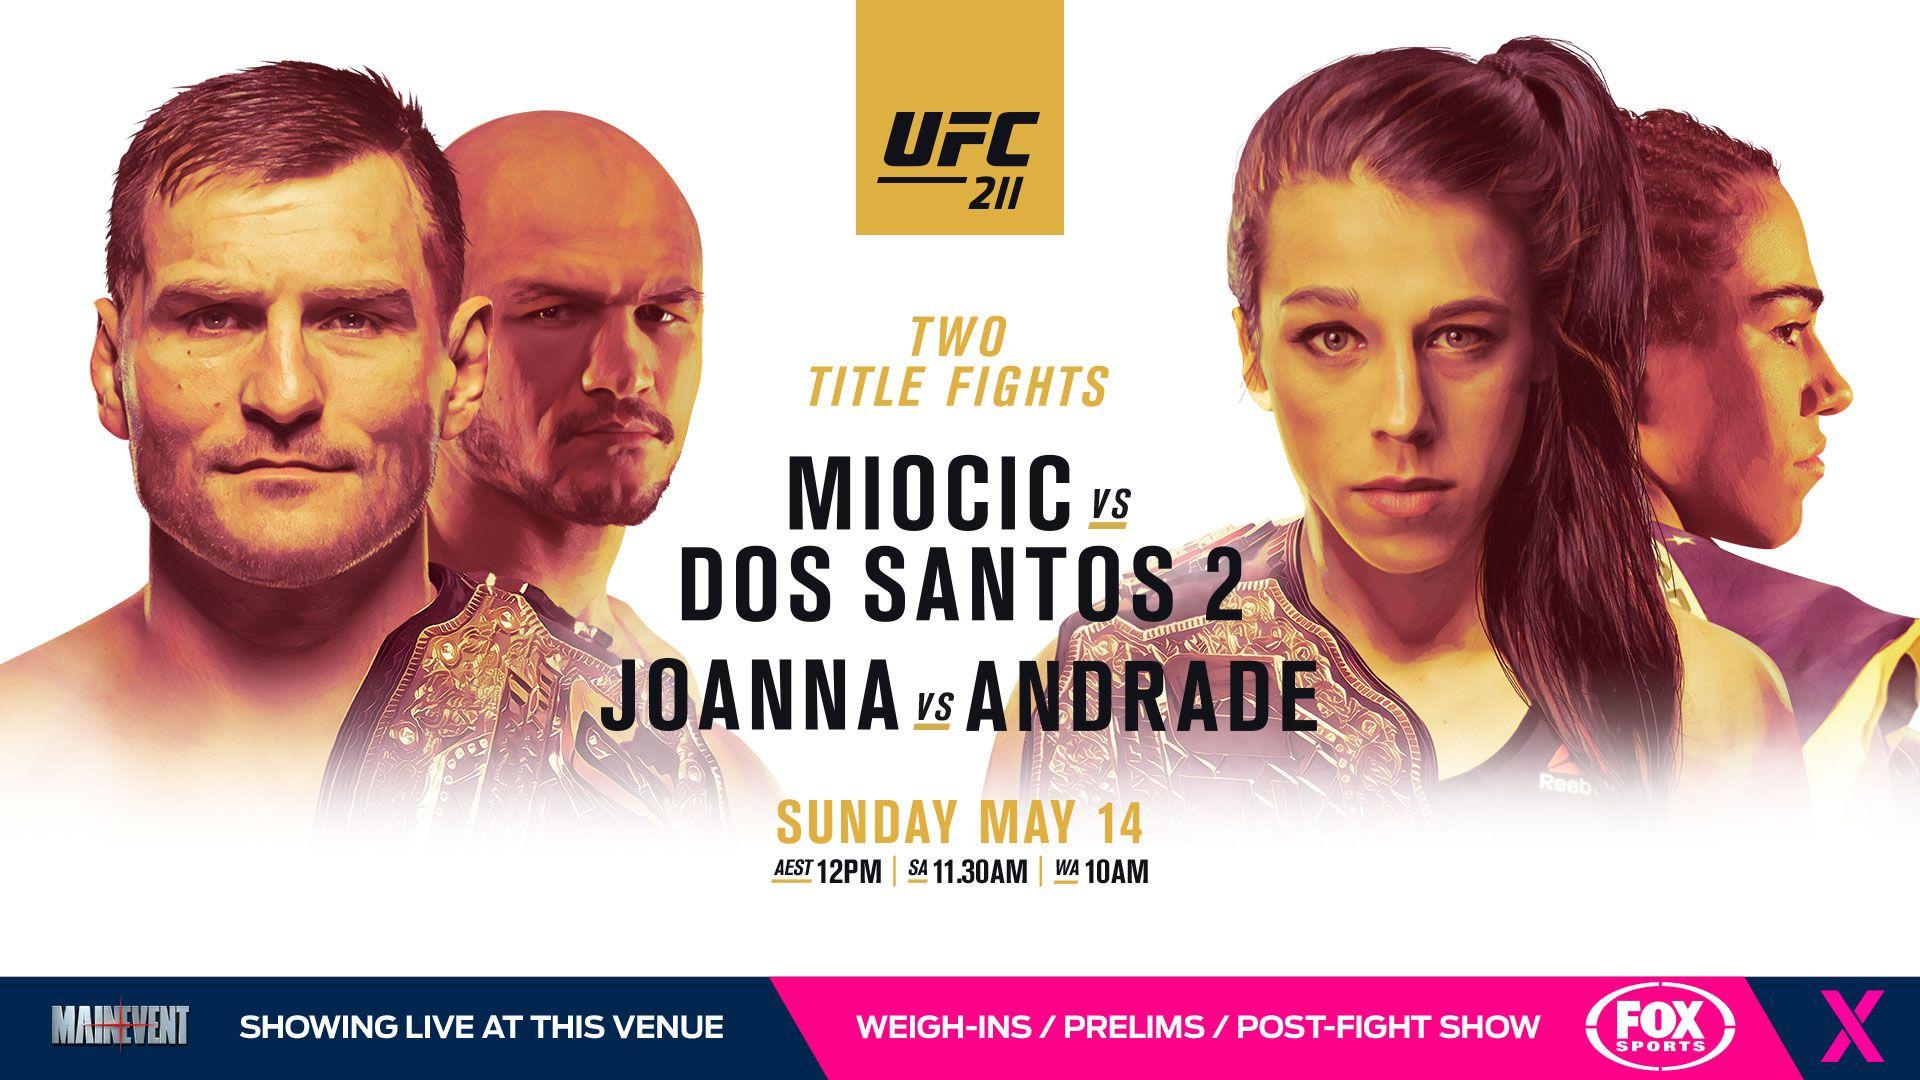 Wallpaper for UFC 211 Ufc live stream, Ufc live